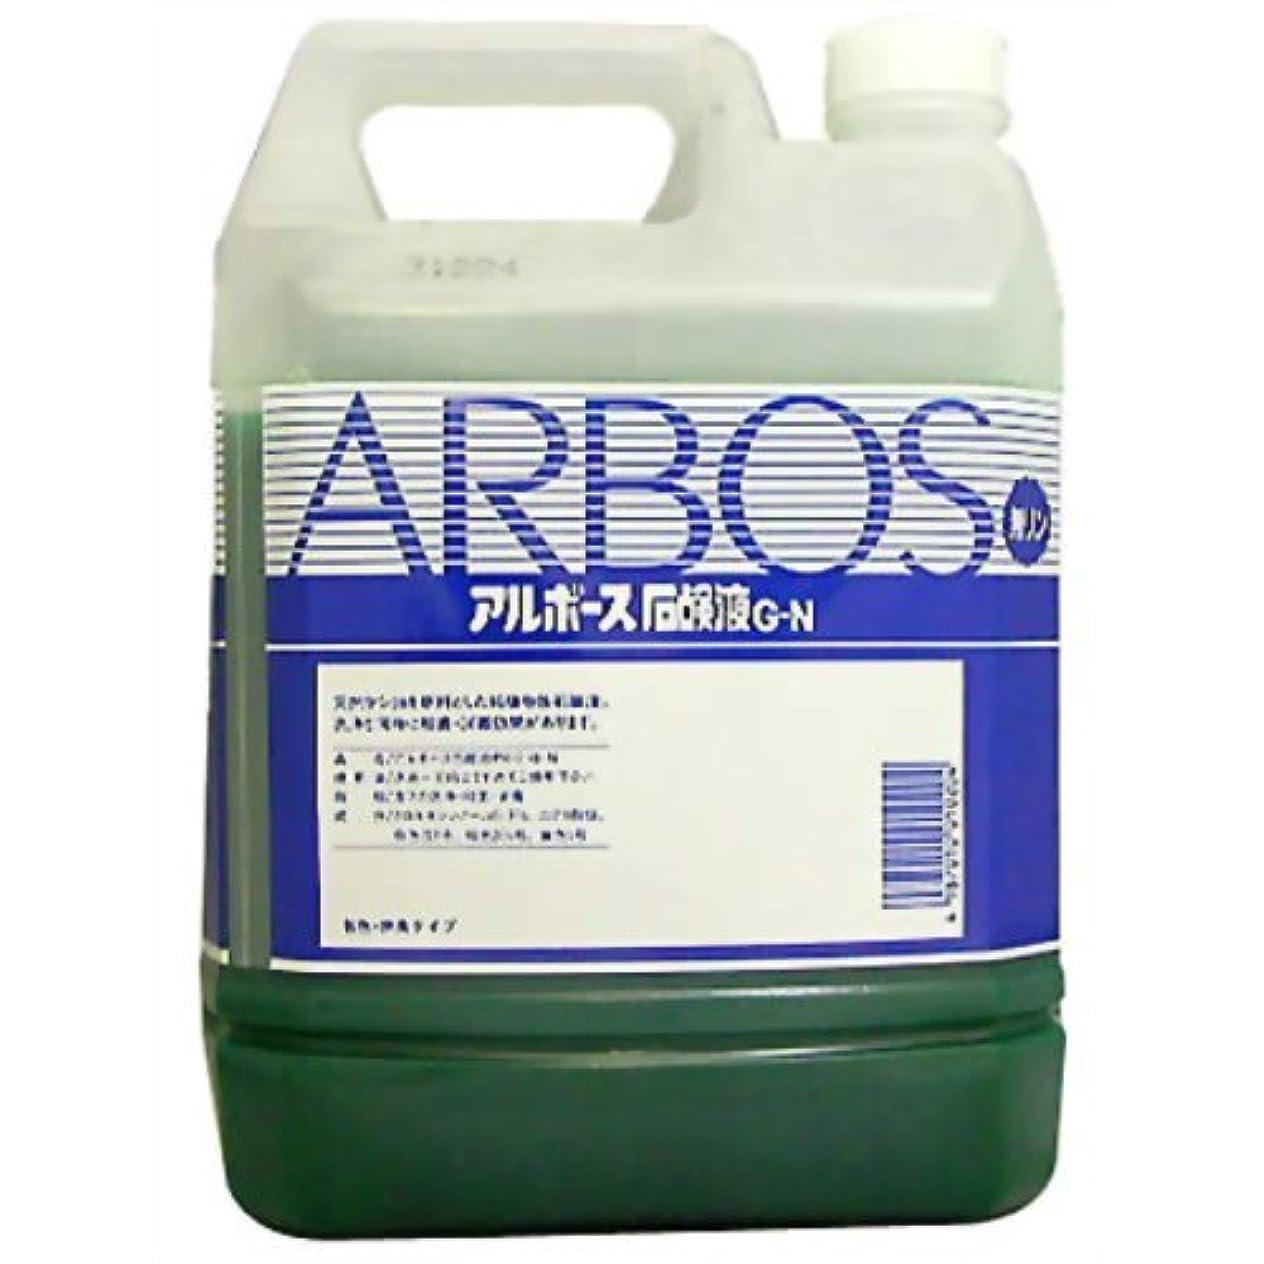 マガジン強調する身元アルボース石鹸液GN 4kg